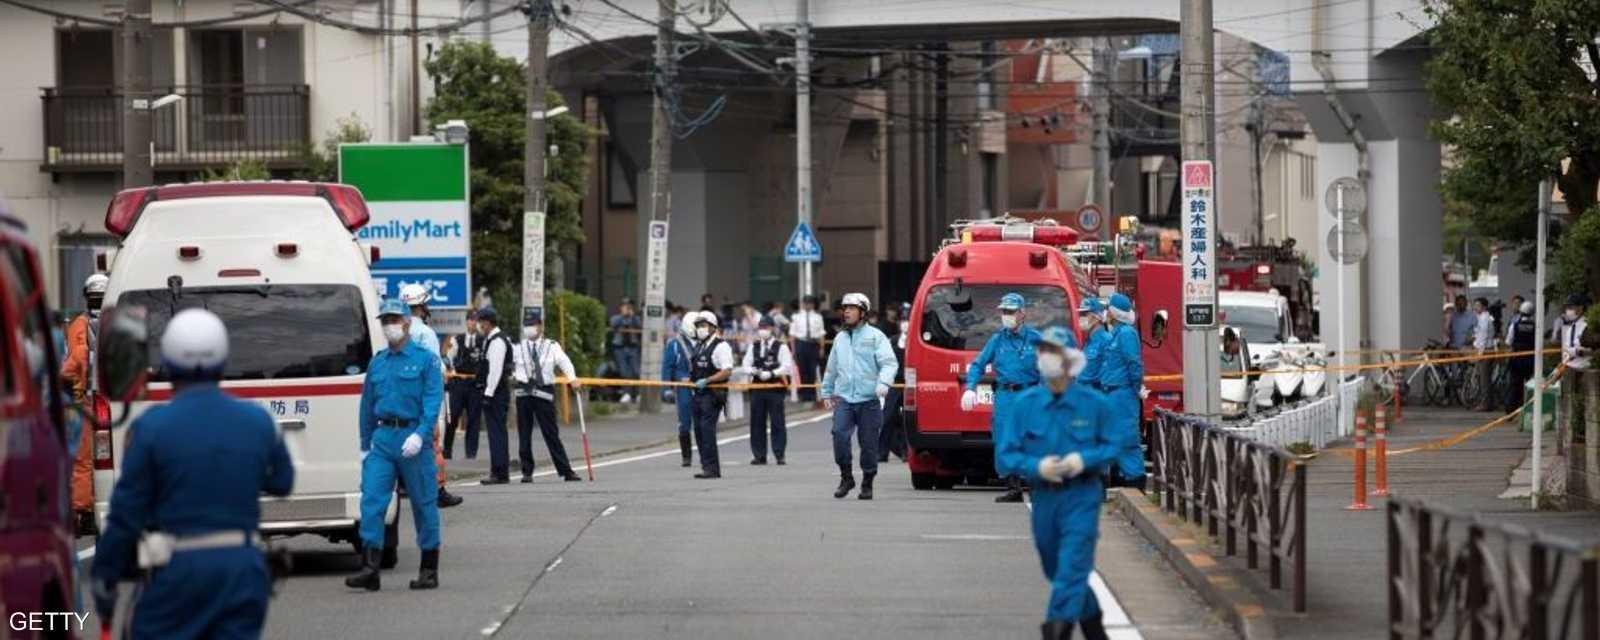 هاجم رجل كان يحمل سكينا تلميذات كن ينتظرن في محطة للحافلات خارج طوكيو، الثلاثاء، مما أسفر عن مقتل وإصابة أشخاص.